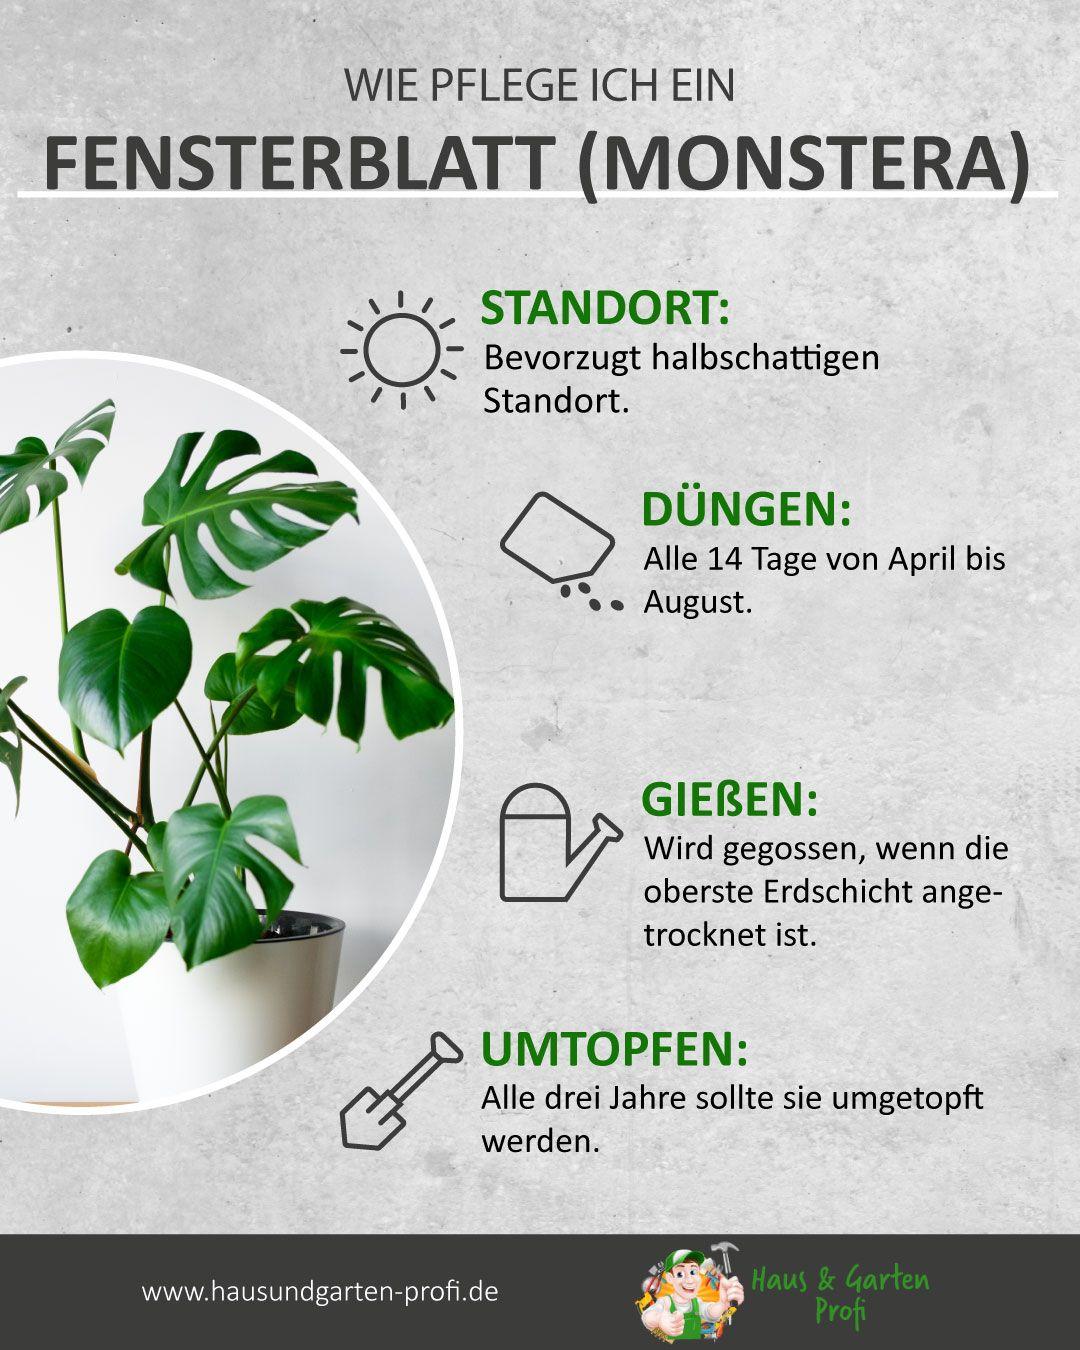 Fensterblatt (Monstera): Das richtige Pflegen So einfach geht's (Standort, Düngen, Gießen, Umtopfen)